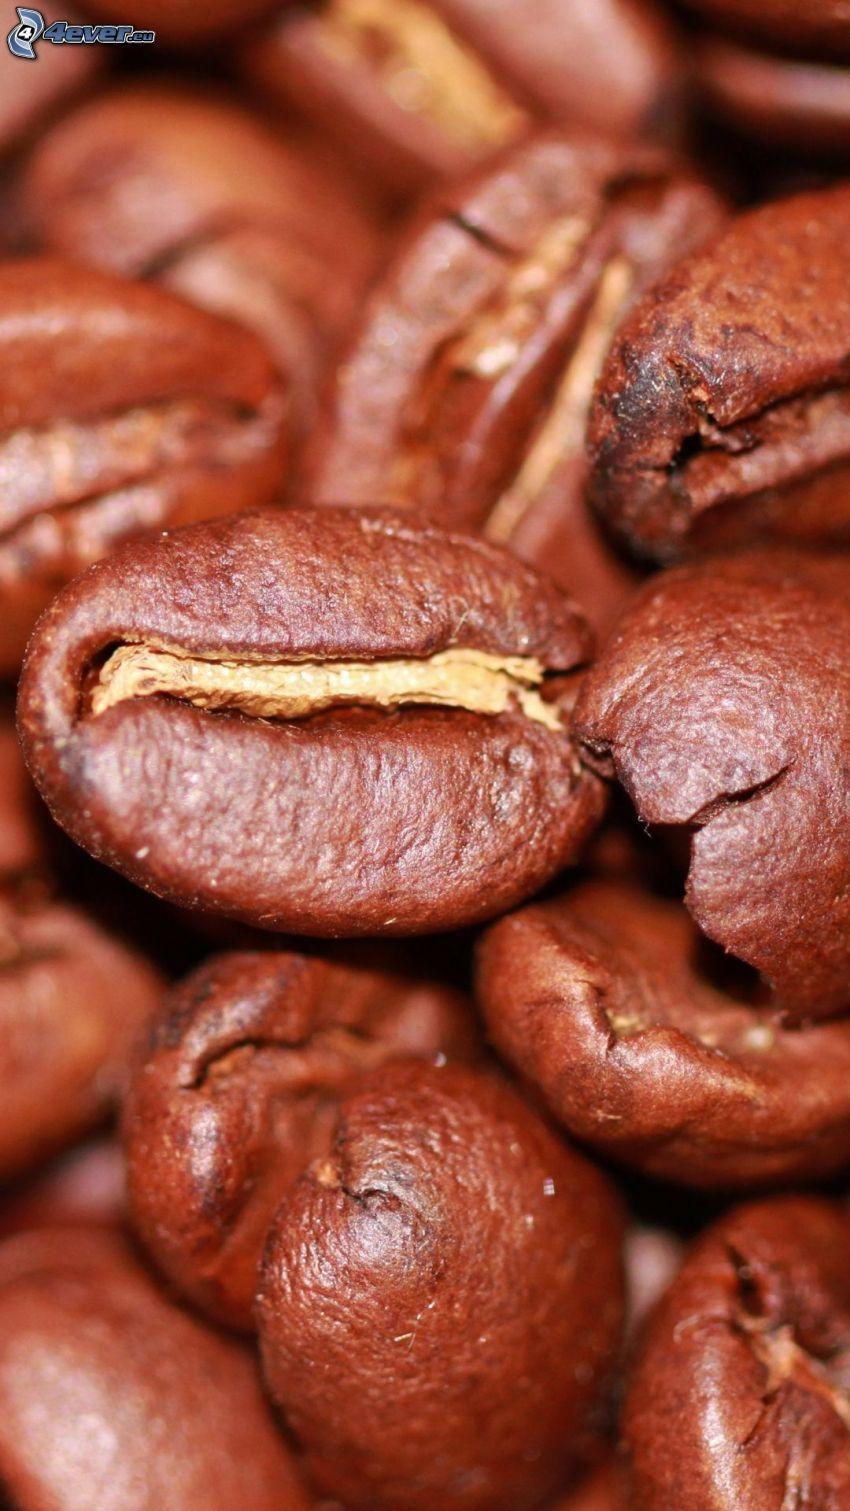 ziarna kawy, makro